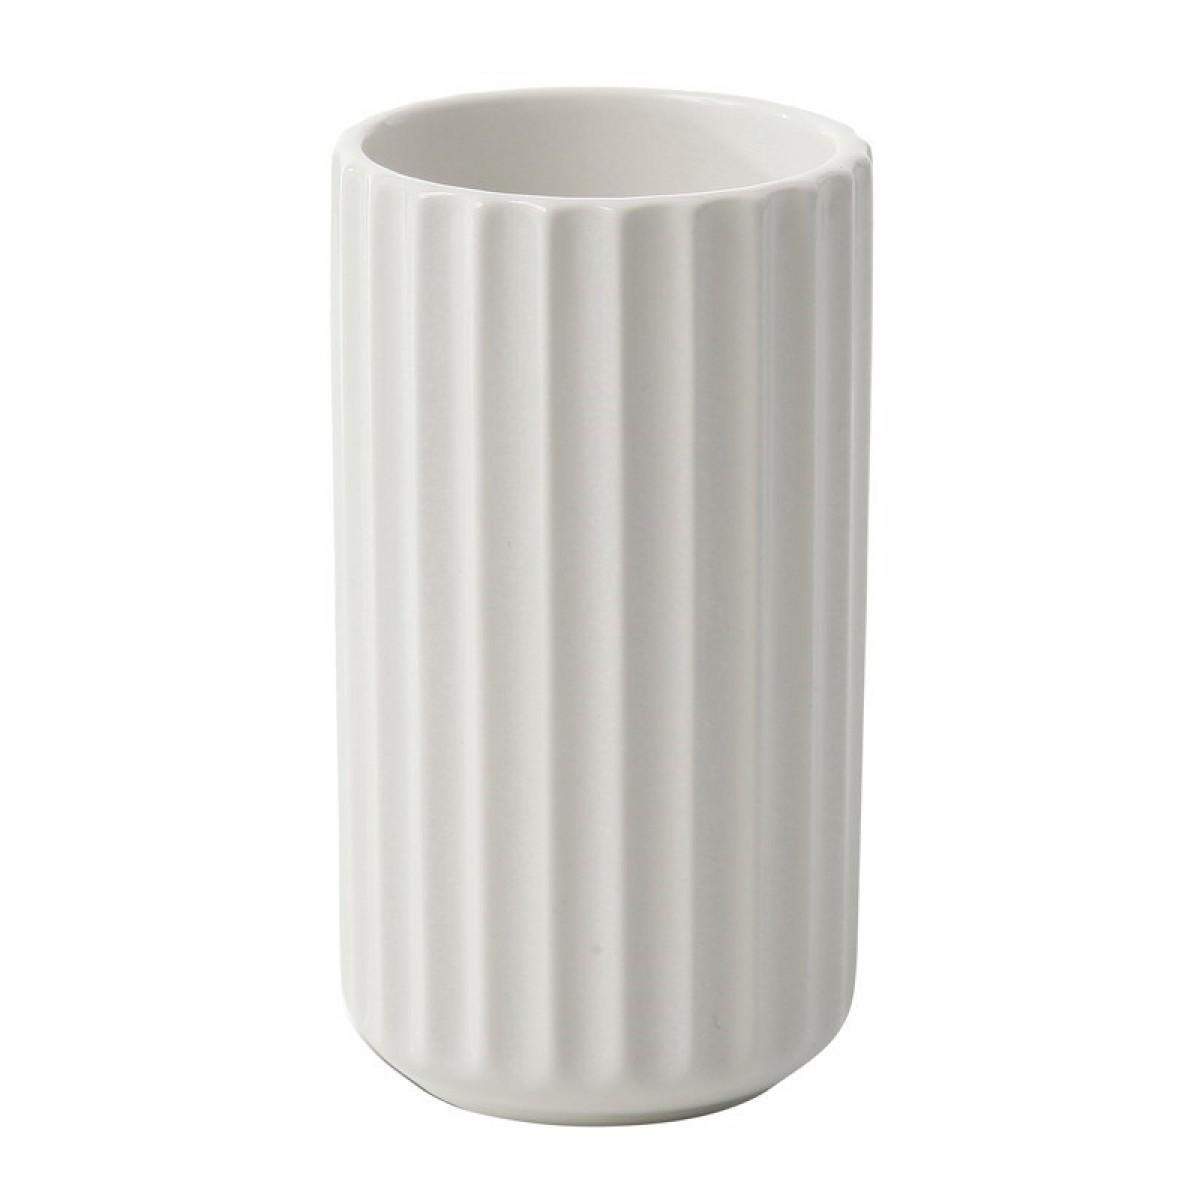 LYNGBY Vase hvid 20 cm.